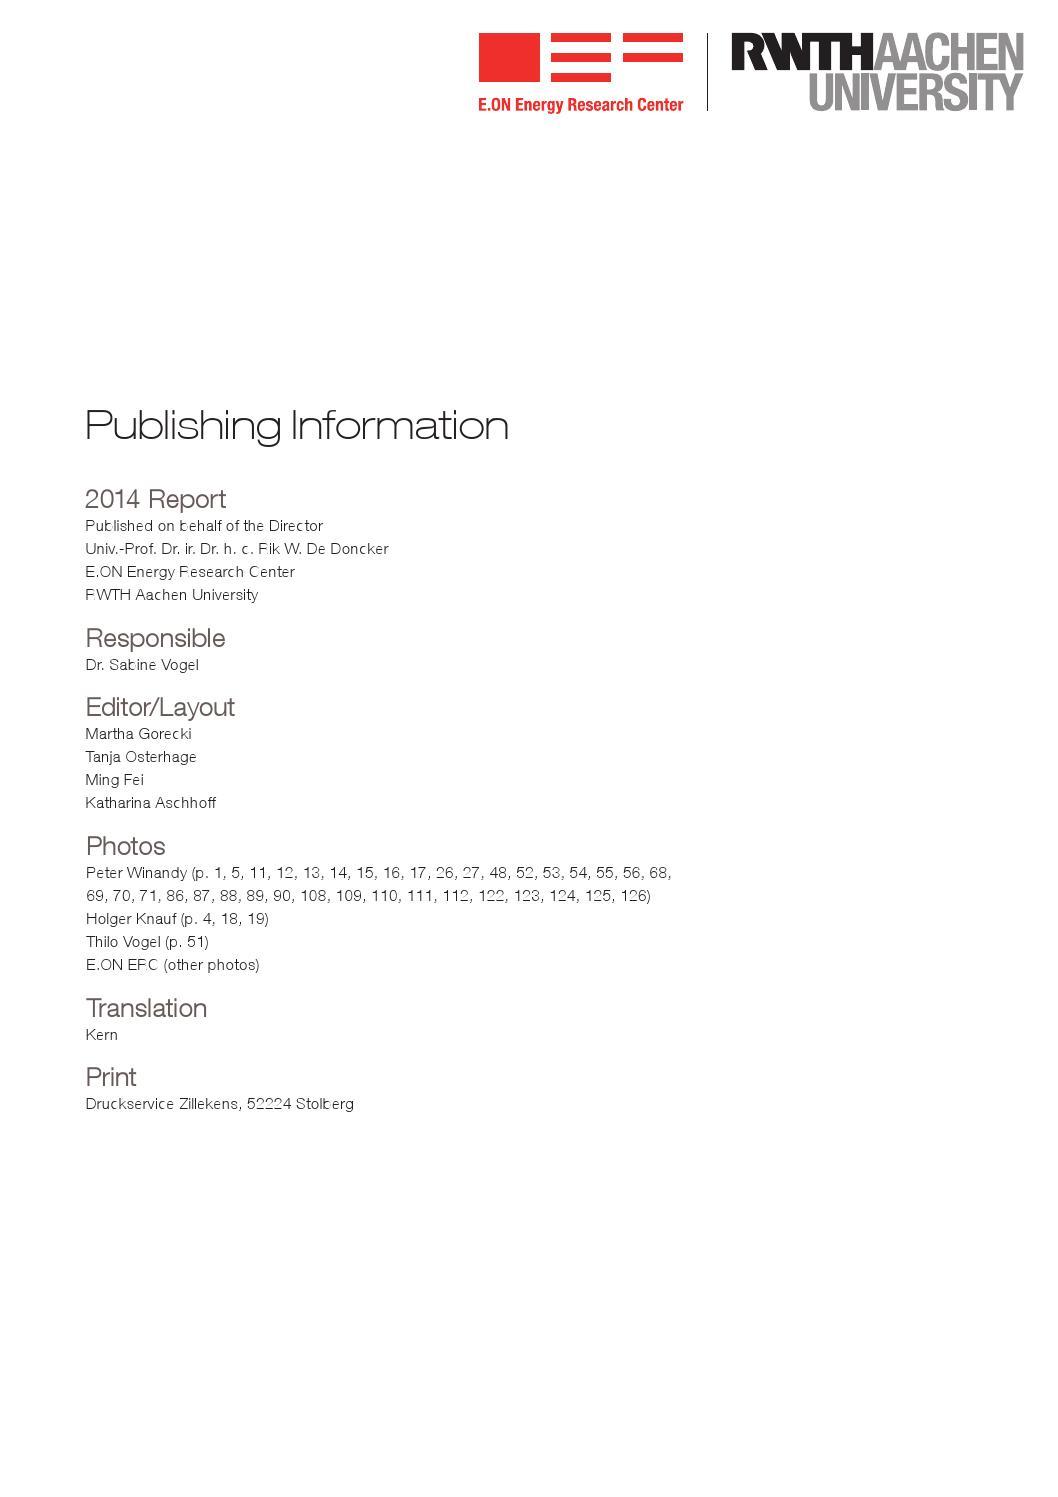 Atemberaubend Jahrbuch Vorlage Ideen Fotos - Entry Level Resume ...